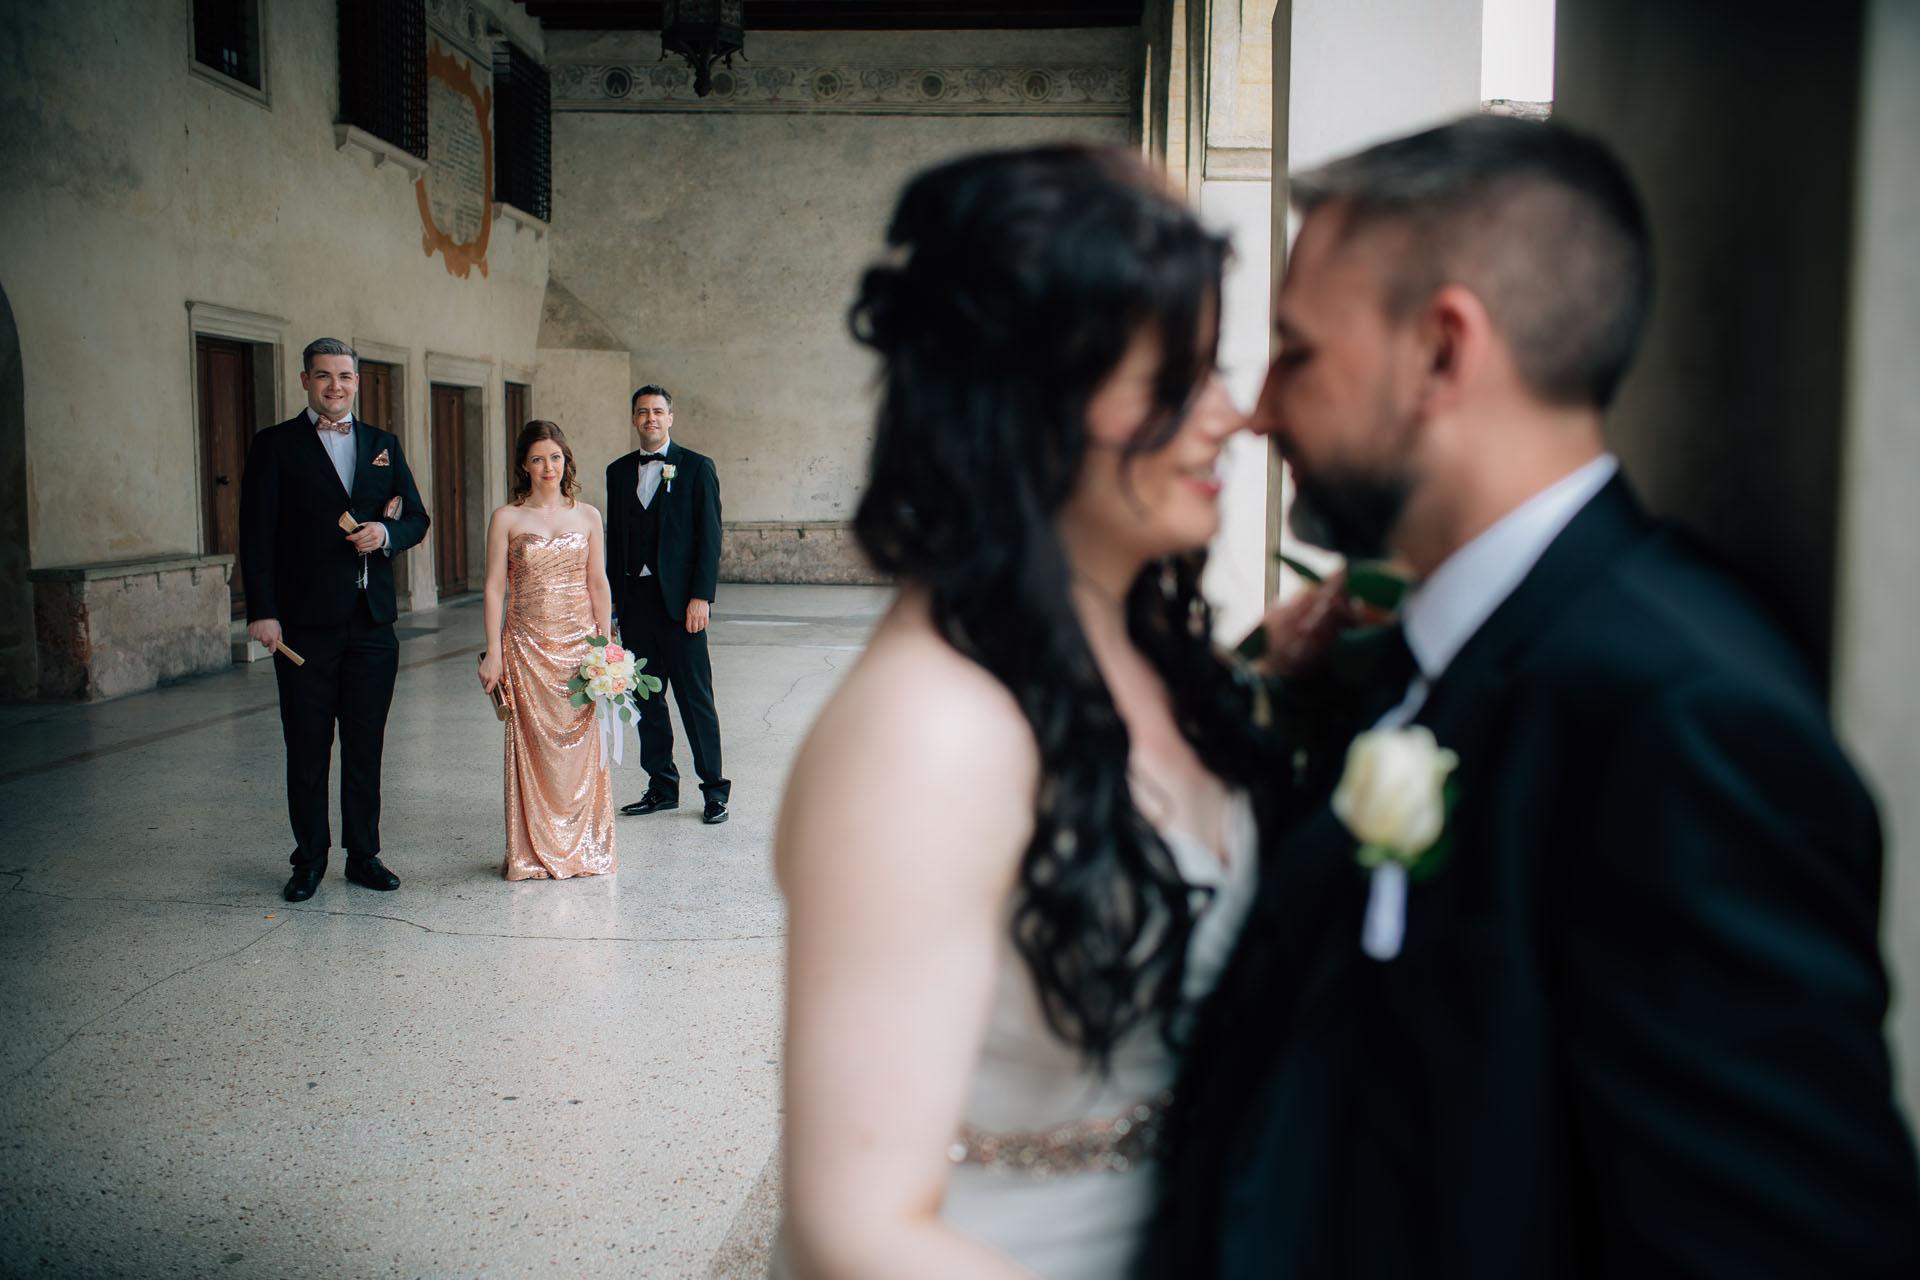 Jessica-Jason-Charme-Weddingdestination-Storytelling-Renato-Zanette-Fotografo-Convento-San-Francesco-Conegliano-Treviso-Veneto